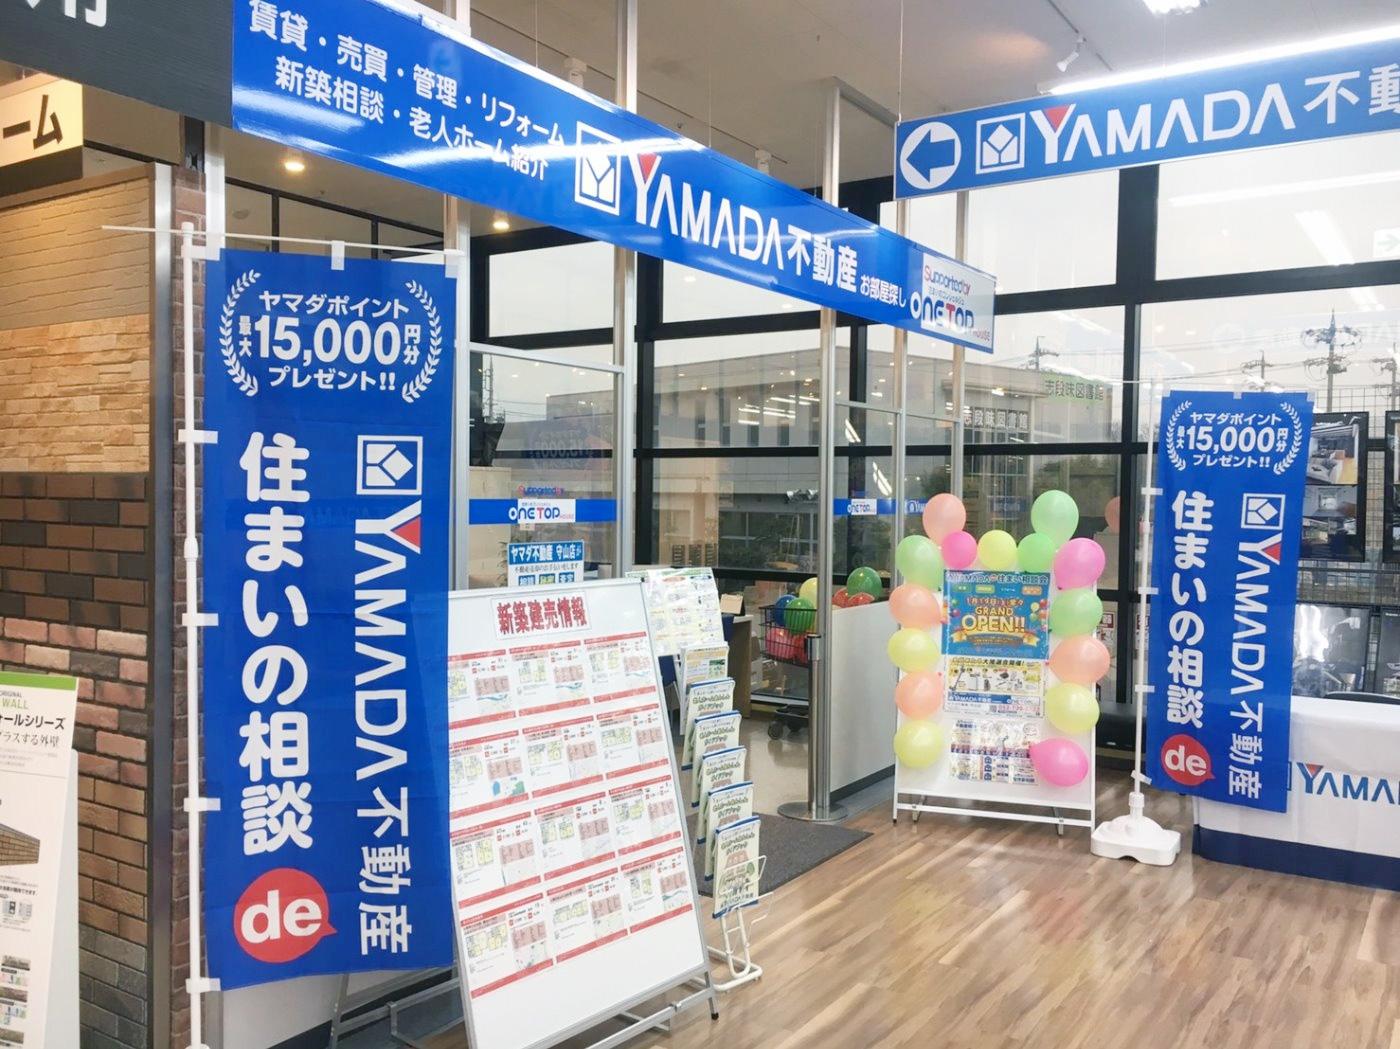 yenya-yamada-moriyama01.jpg